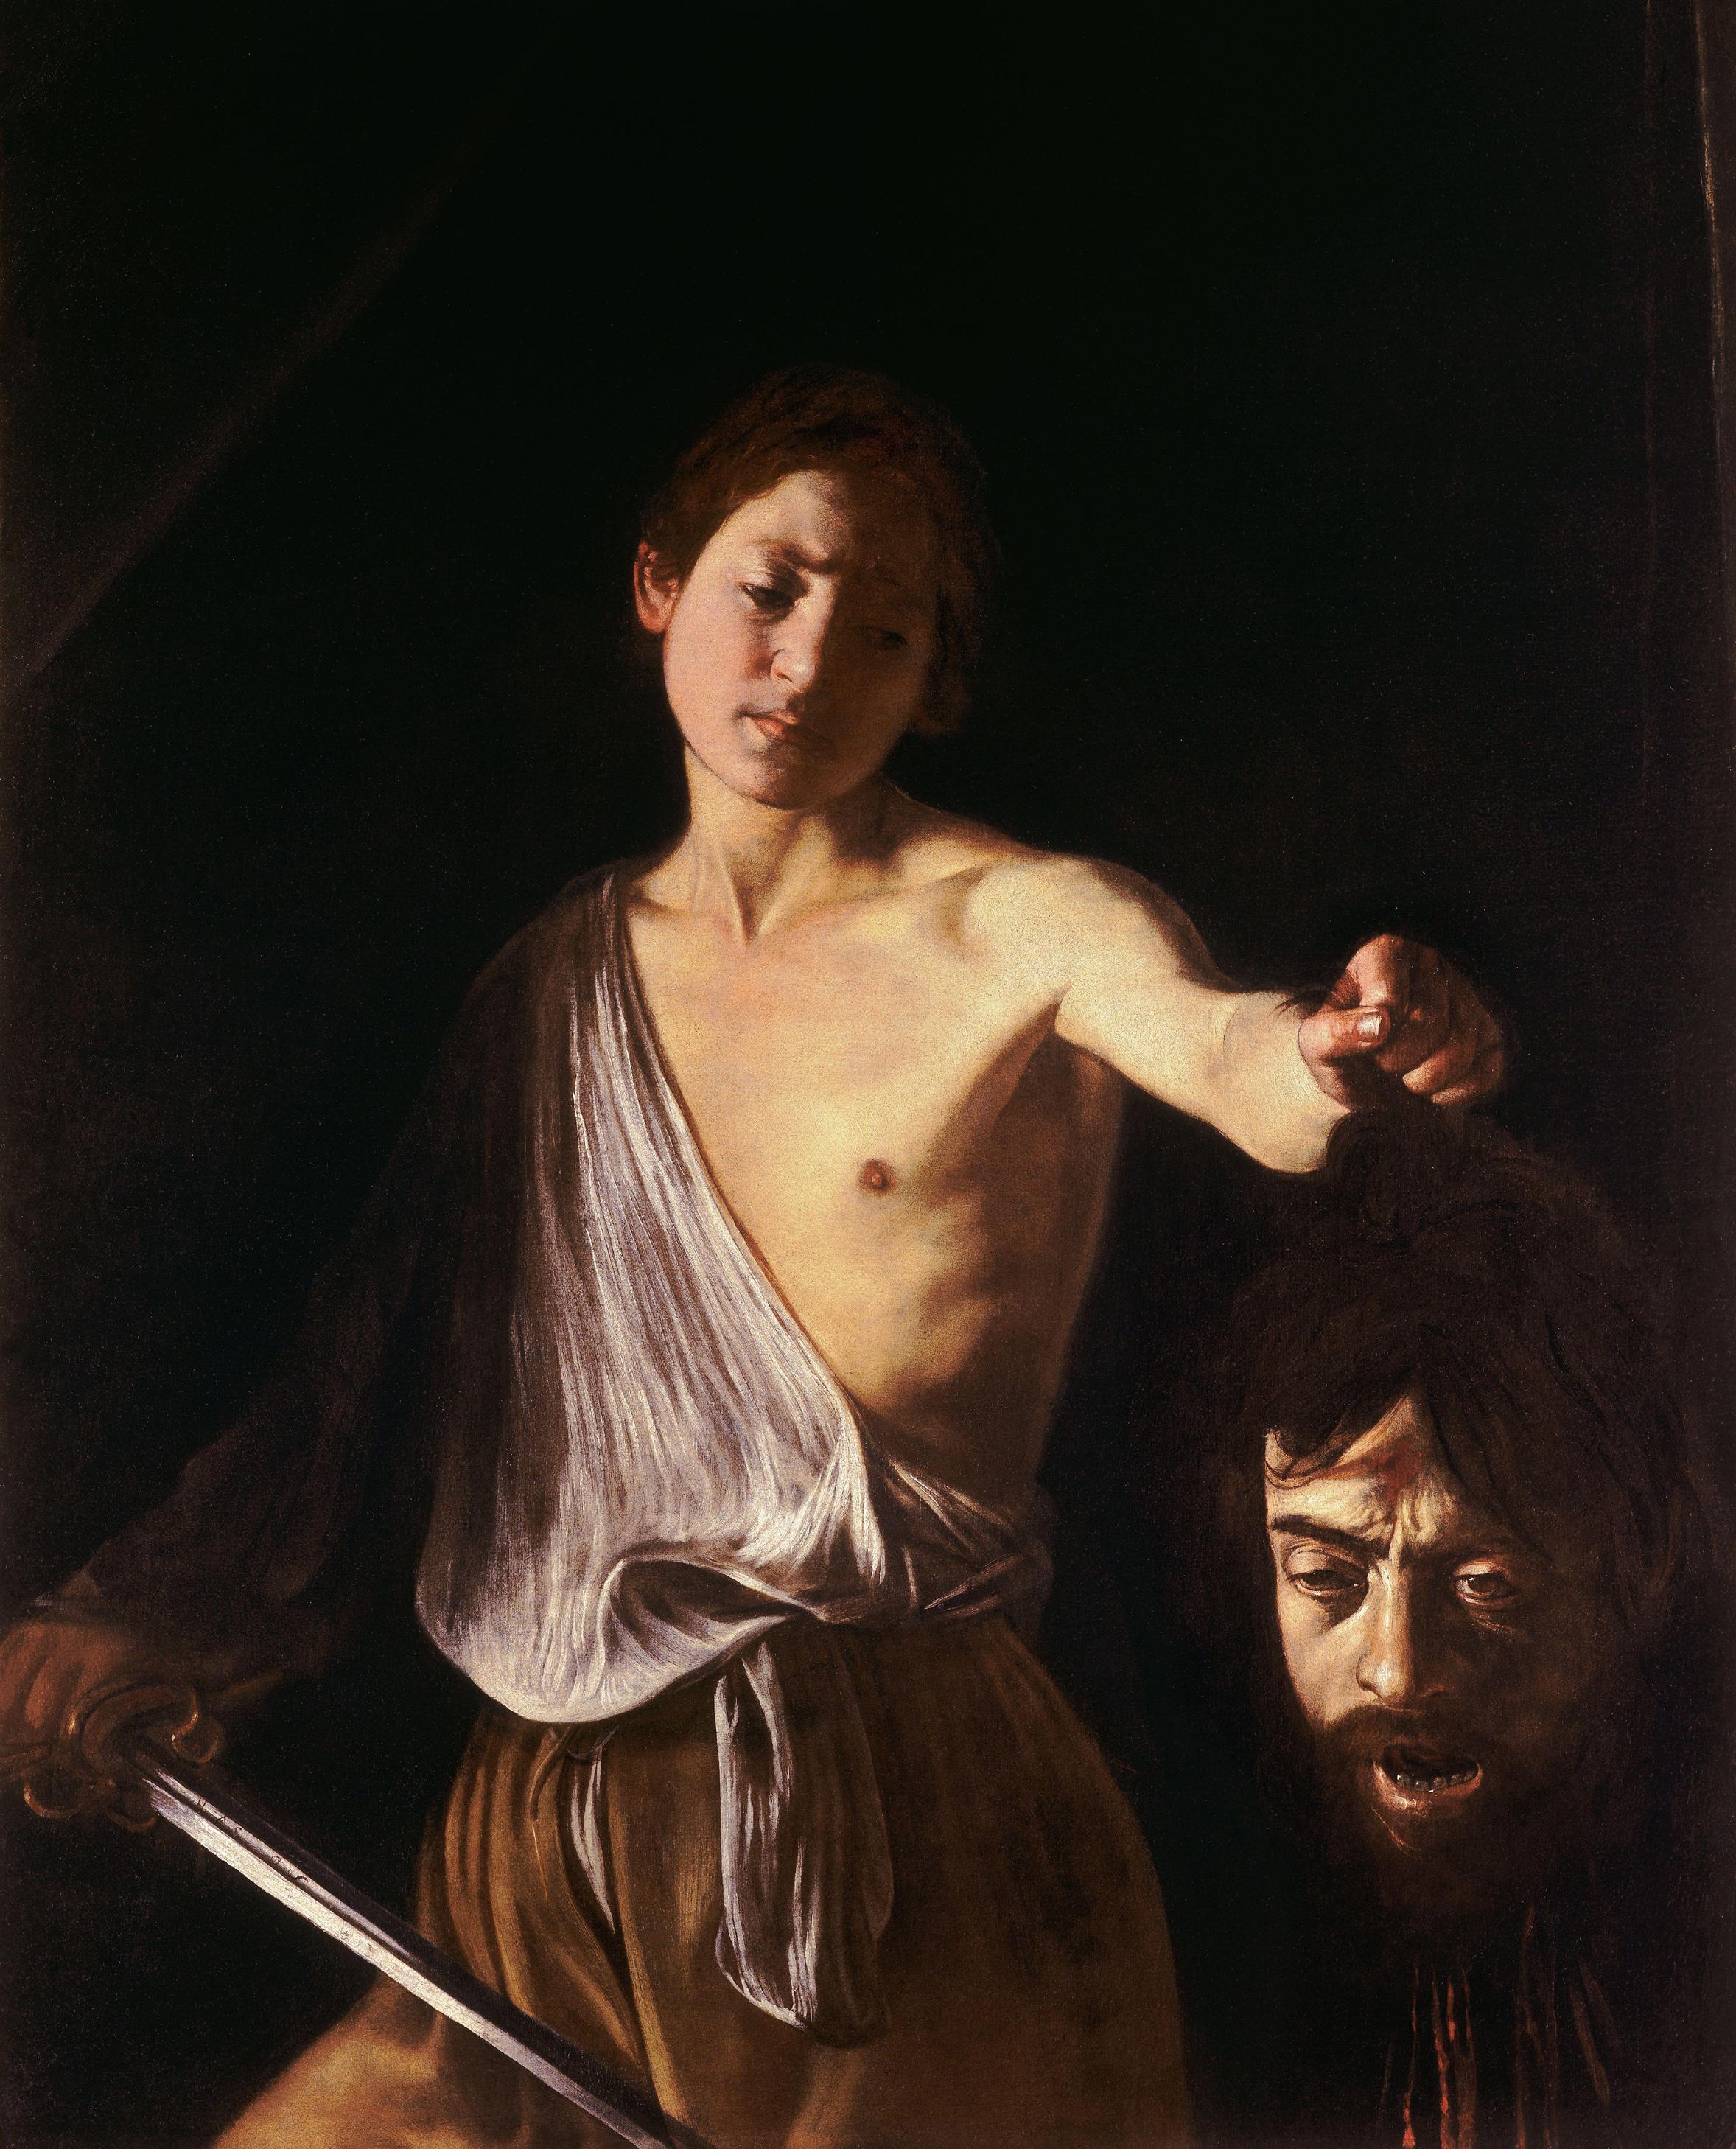 https://upload.wikimedia.org/wikipedia/commons/6/60/Caravaggio_-_David_con_la_testa_di_Golia.jpg